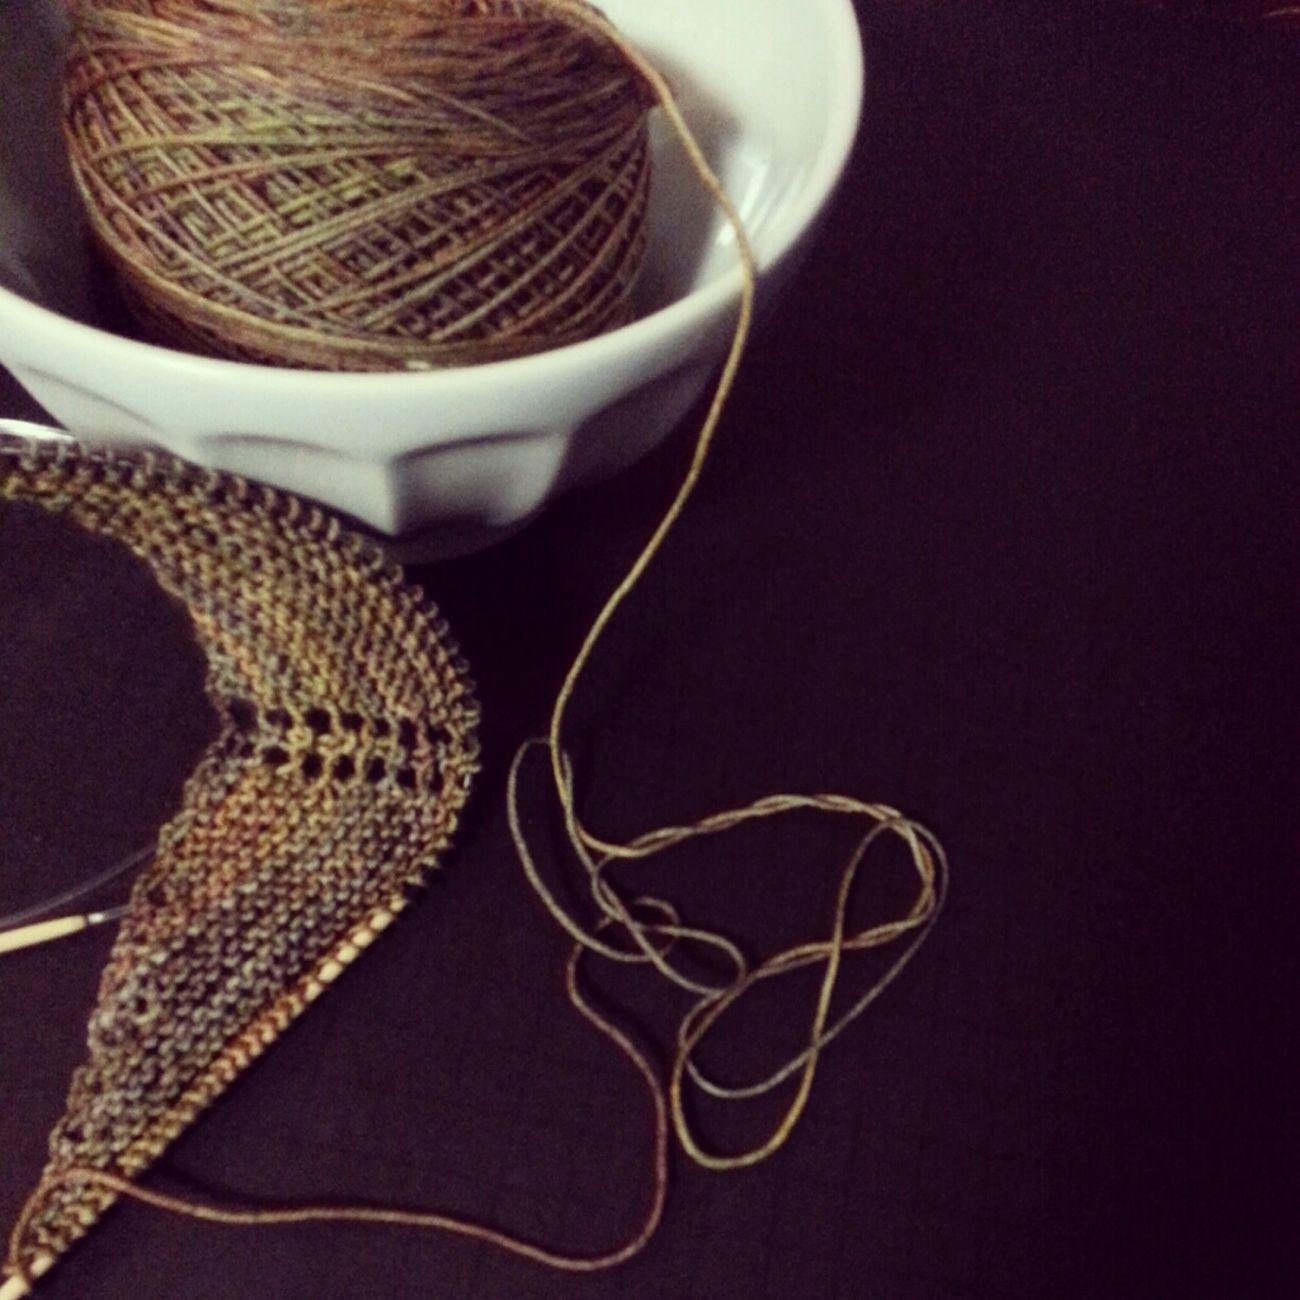 Knitting Handmade Yarn KAL  Malabrigo